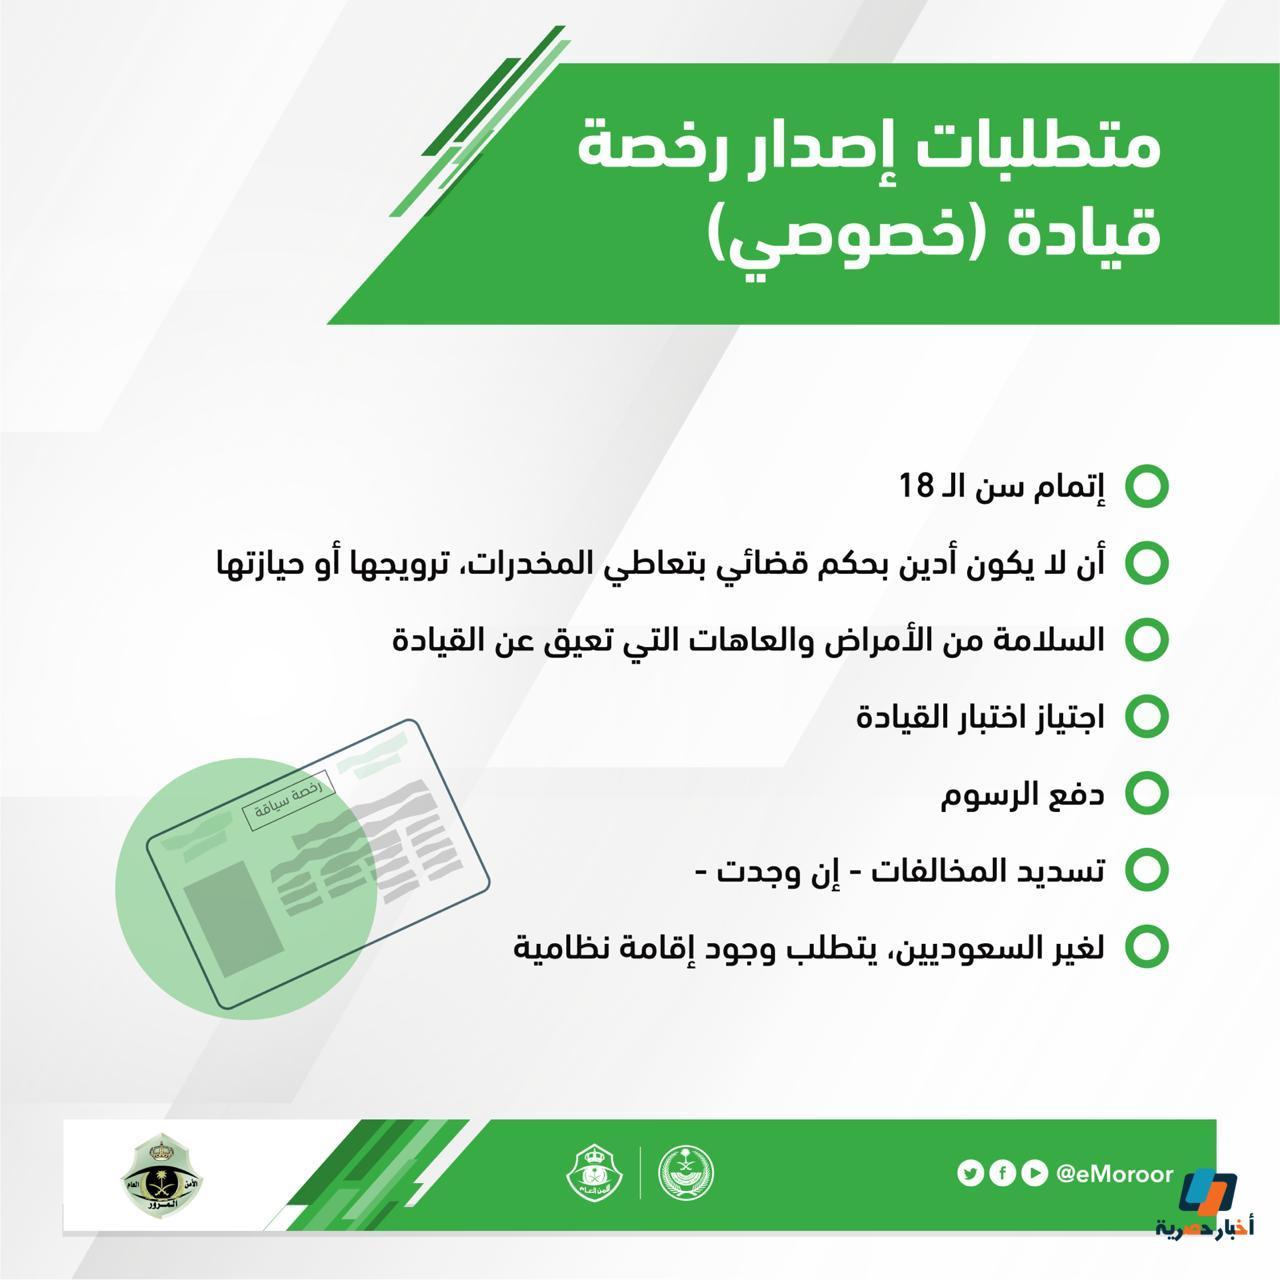 خطوات إصدار رخصة قيادة خصوصي